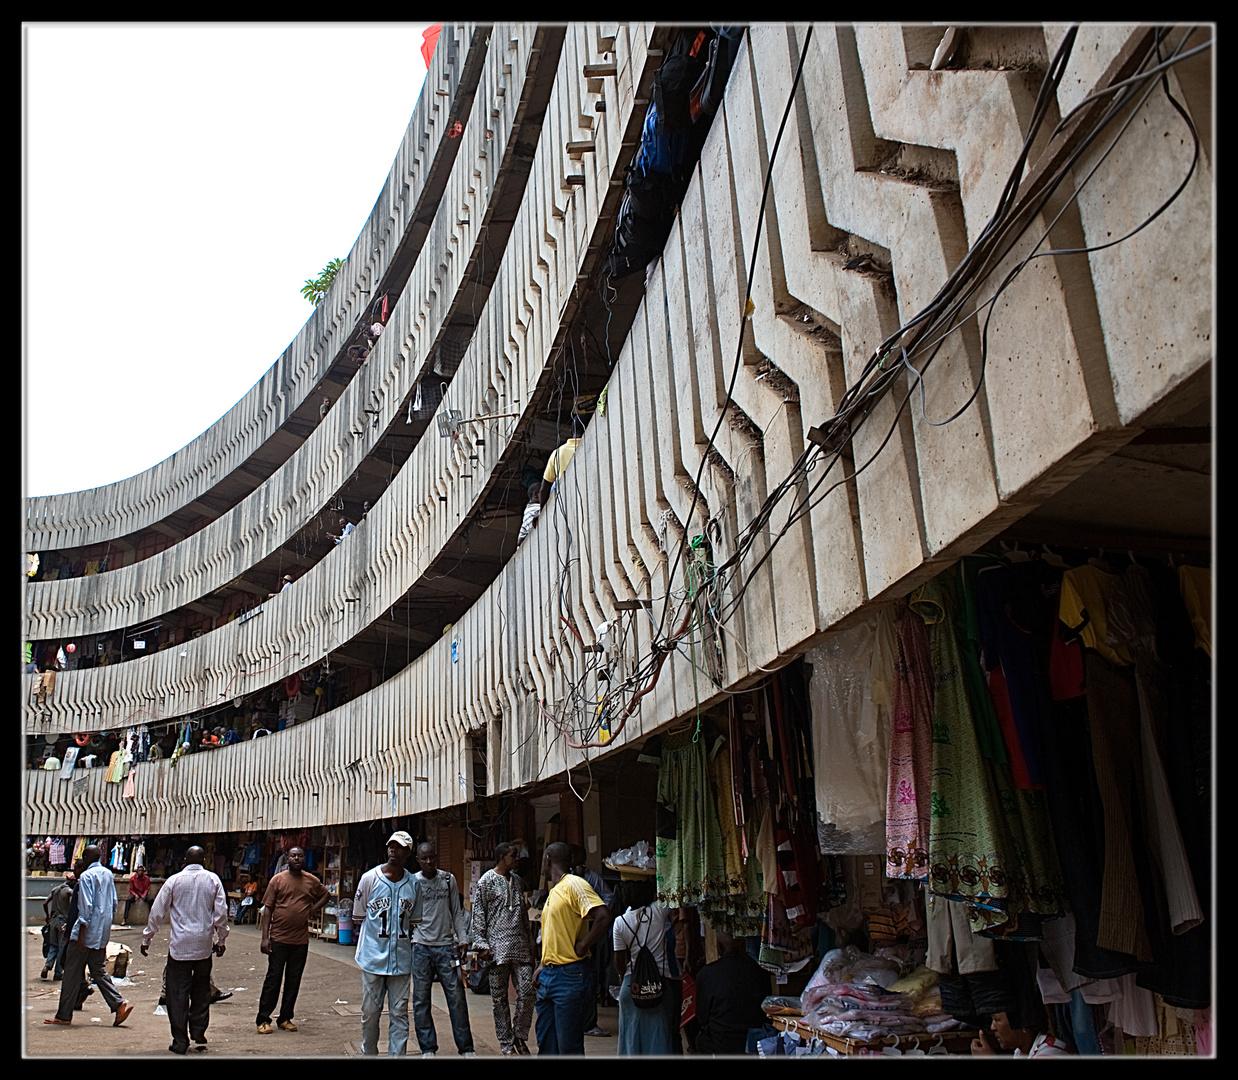 Yaoundé Central Market